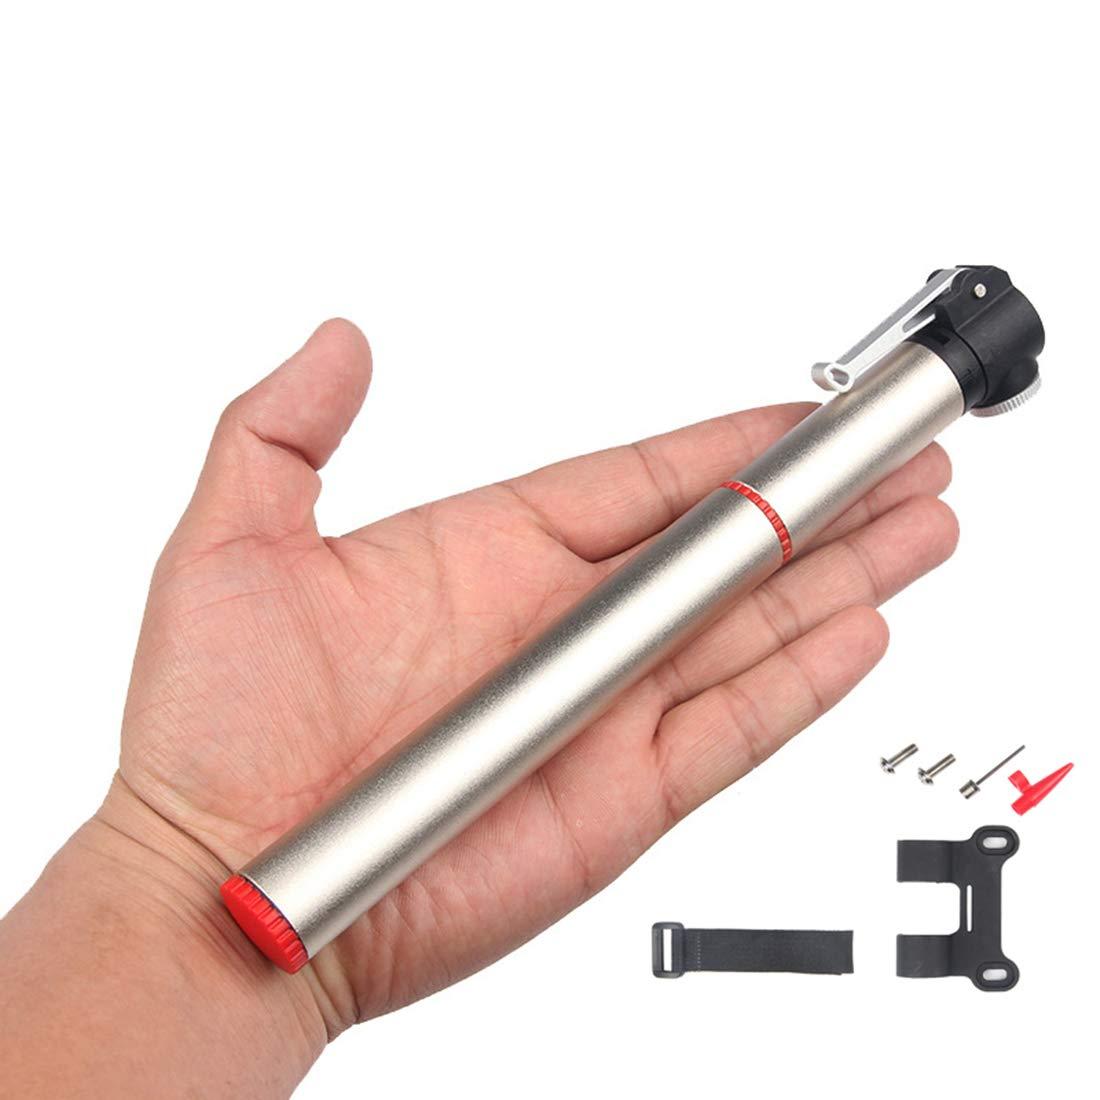 USUNO ポータブルポケットポンプ 自転車ポンプ ボールポンプ エアポンプ 仏式と米式バルブに対応 高圧120PSI対応 アルミ合金   B075JL732D